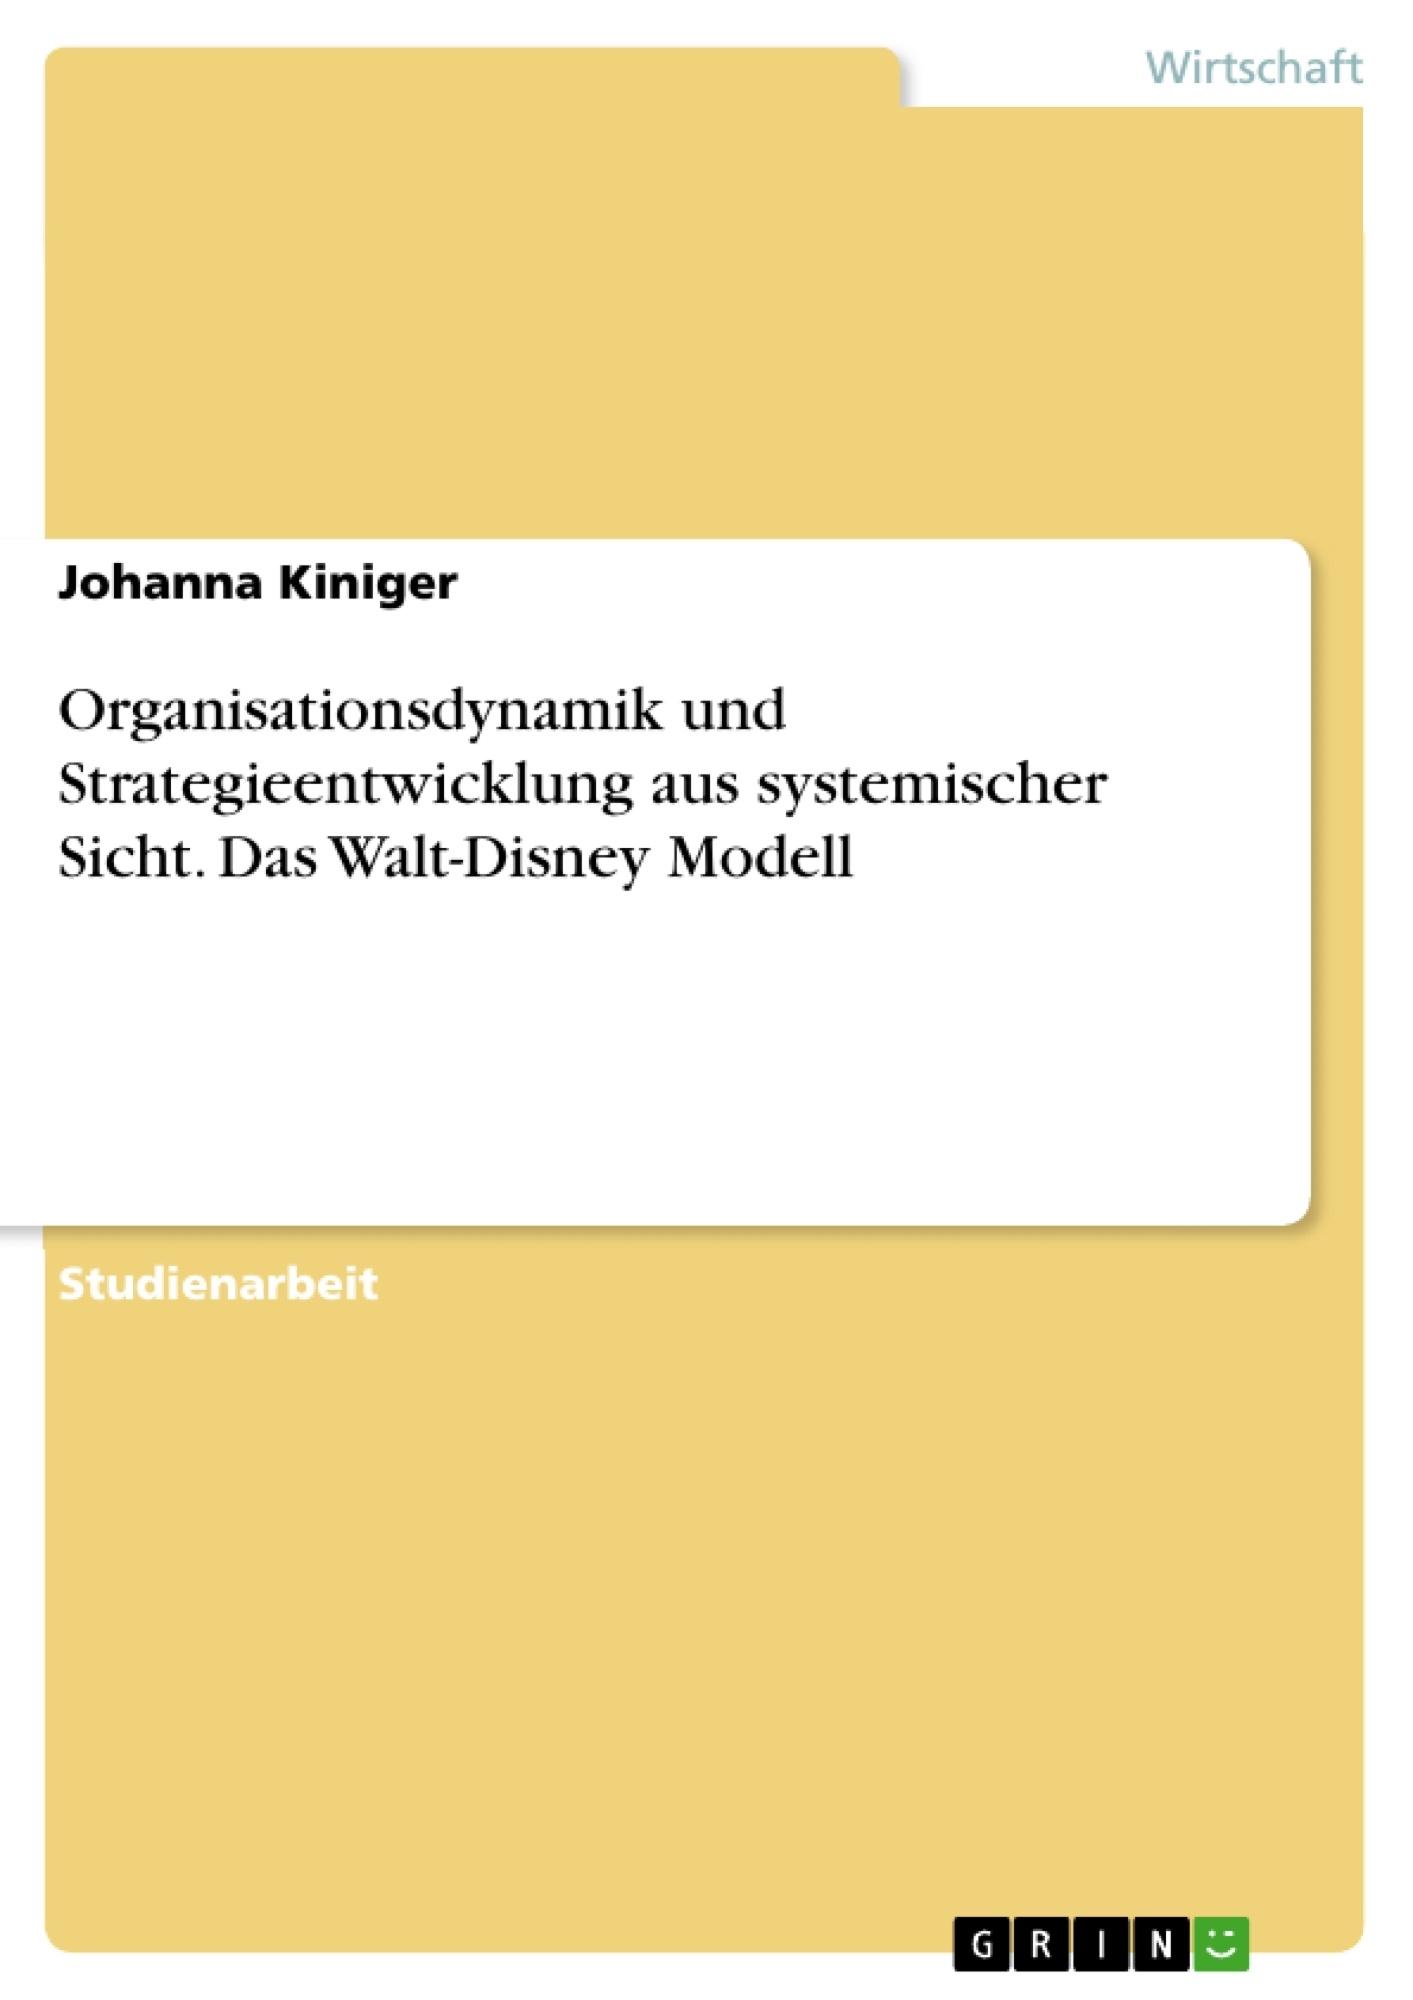 Titel: Organisationsdynamik und Strategieentwicklung aus systemischer Sicht. Das Walt-Disney Modell